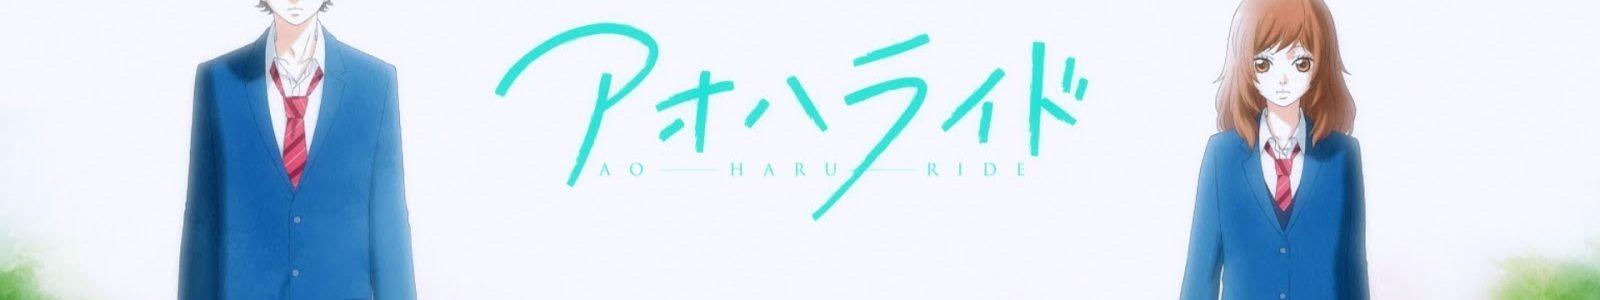 Ao Haru Ride [Pologo] [12/12] [OVA] [1080p] [MKV] [10bits]